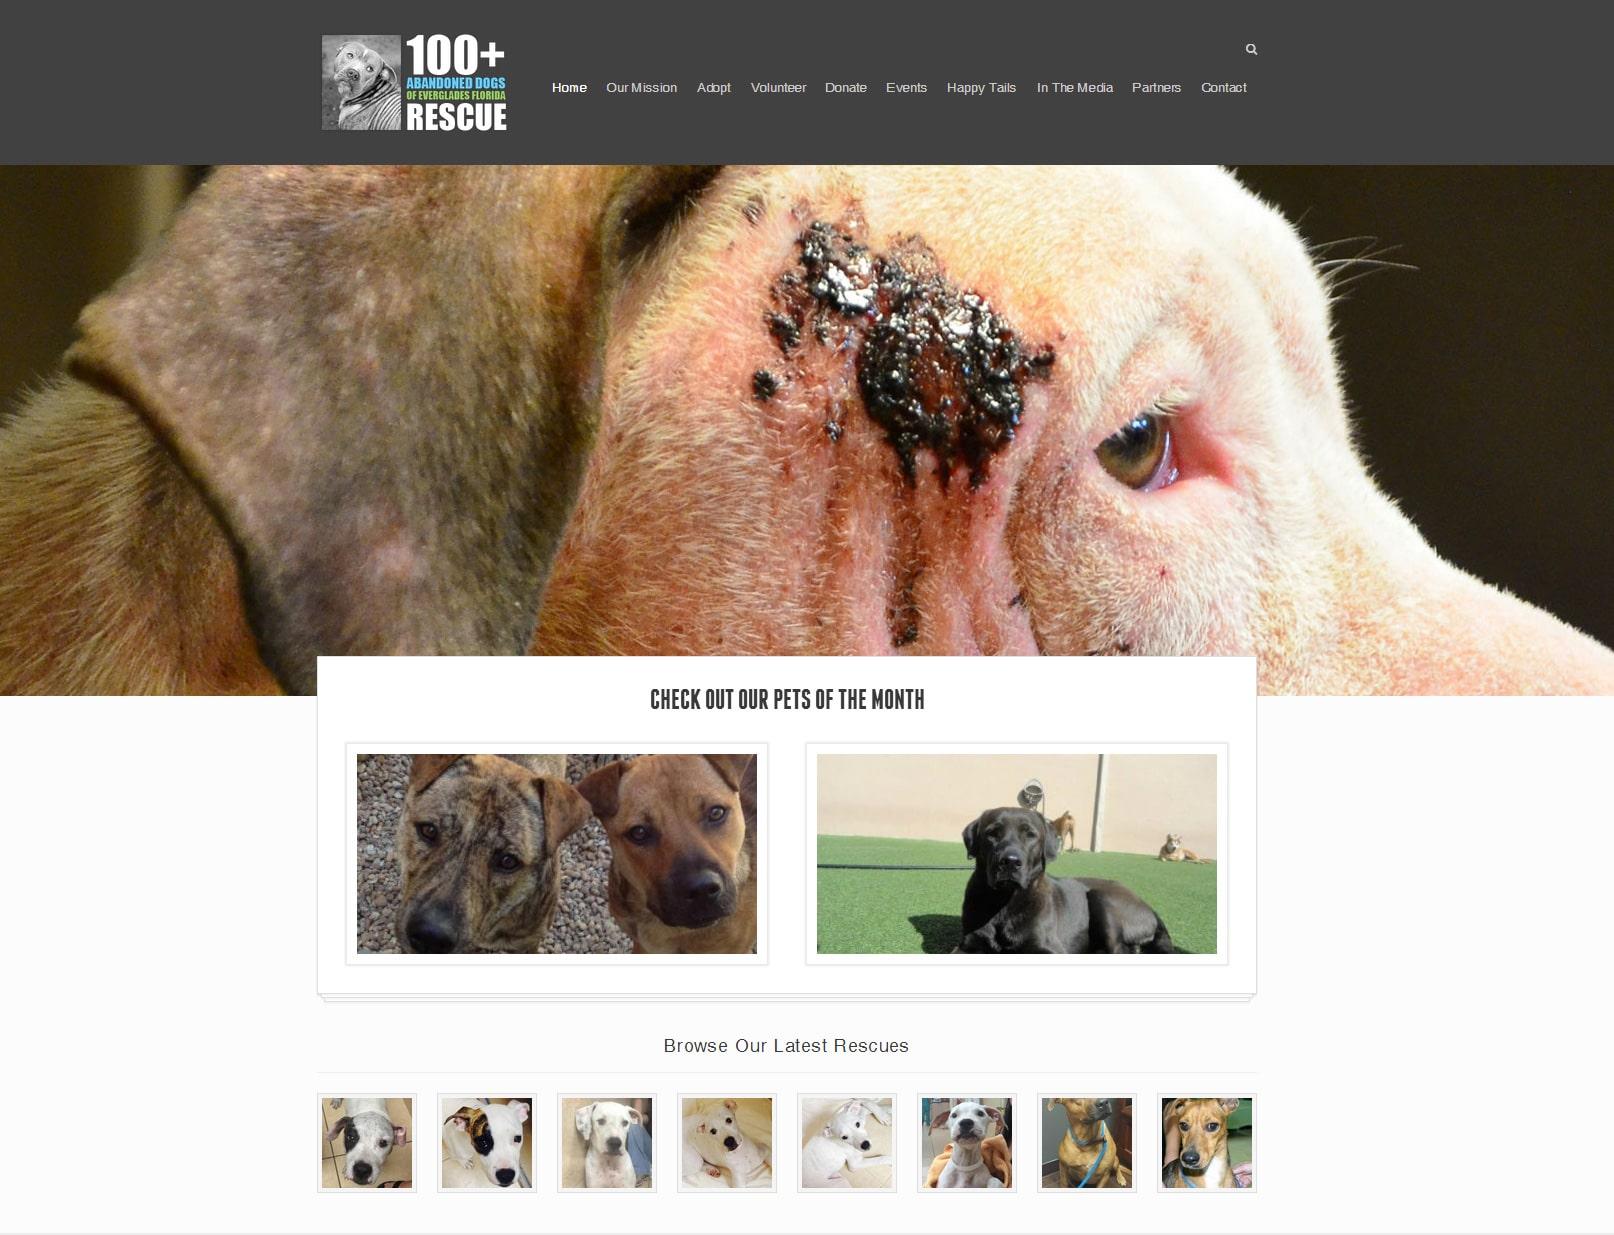 100+ Abandoned Dogs Foundation